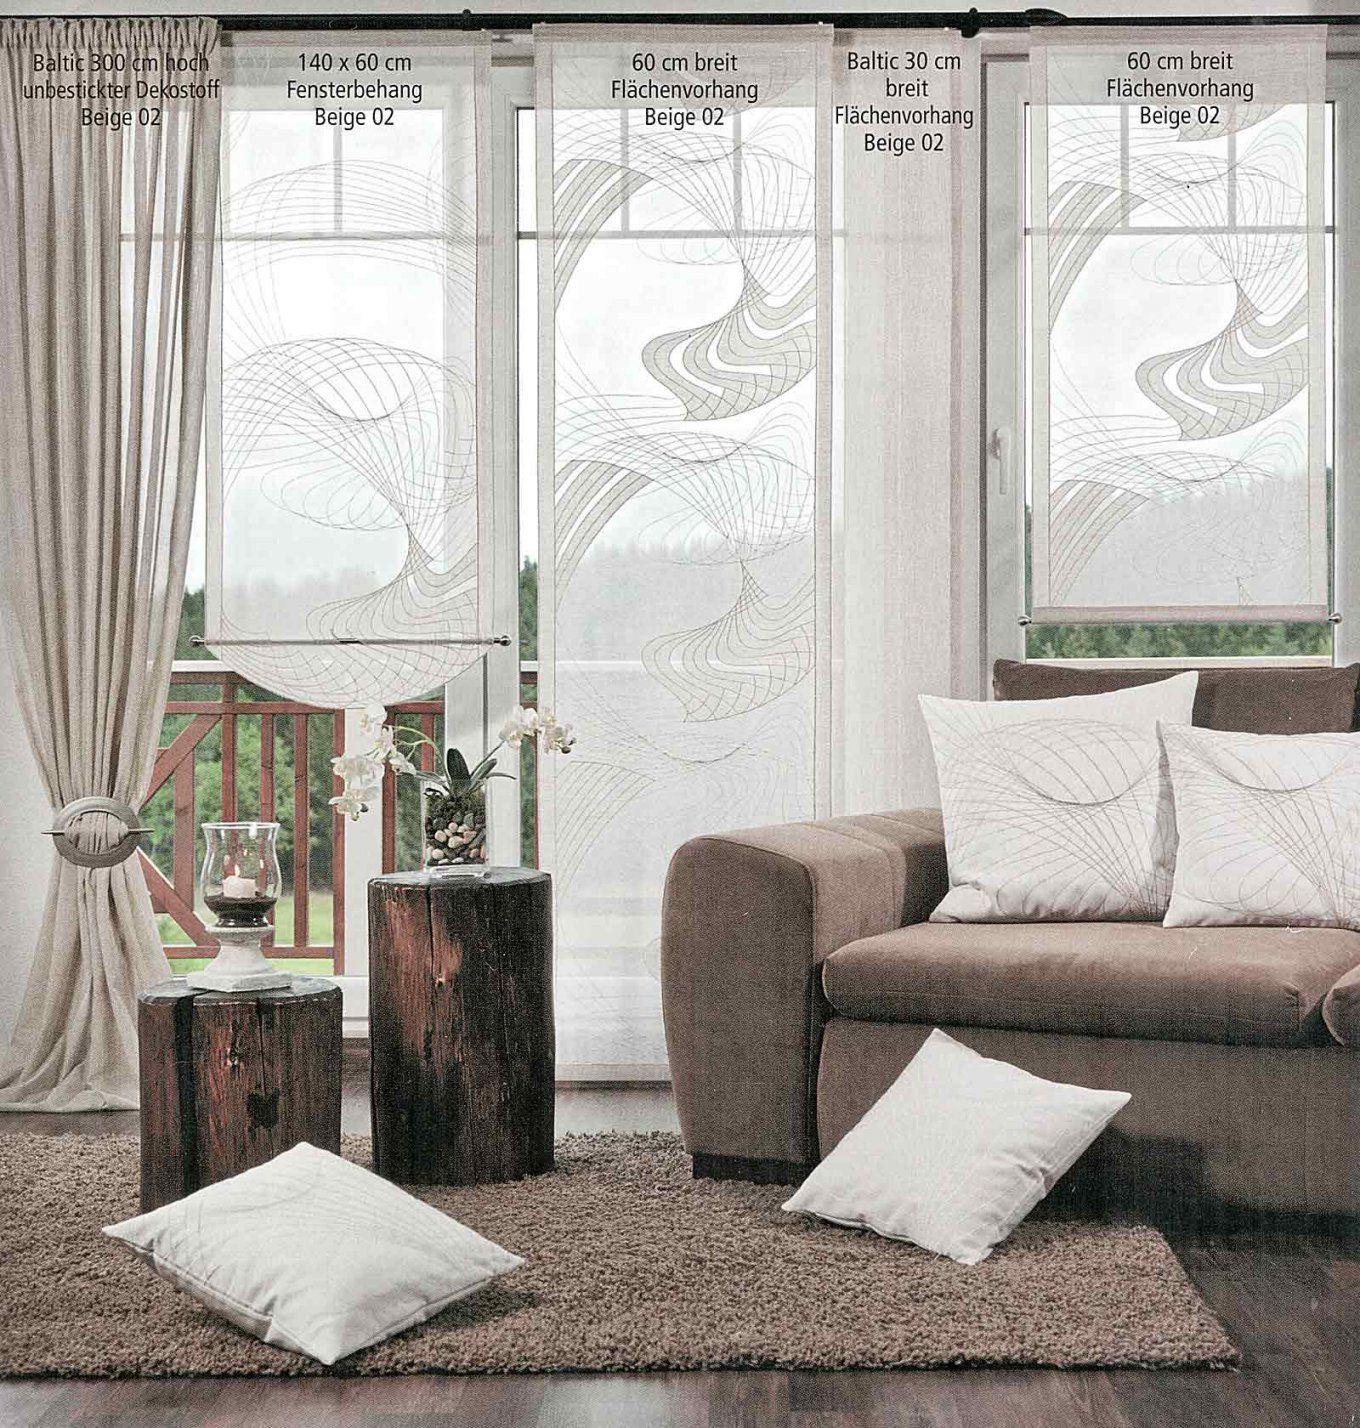 Viora Flächenvorhang Bergen Gardinen Günstig Online Kaufen von Gardinen Meterware Günstig Kaufen Photo